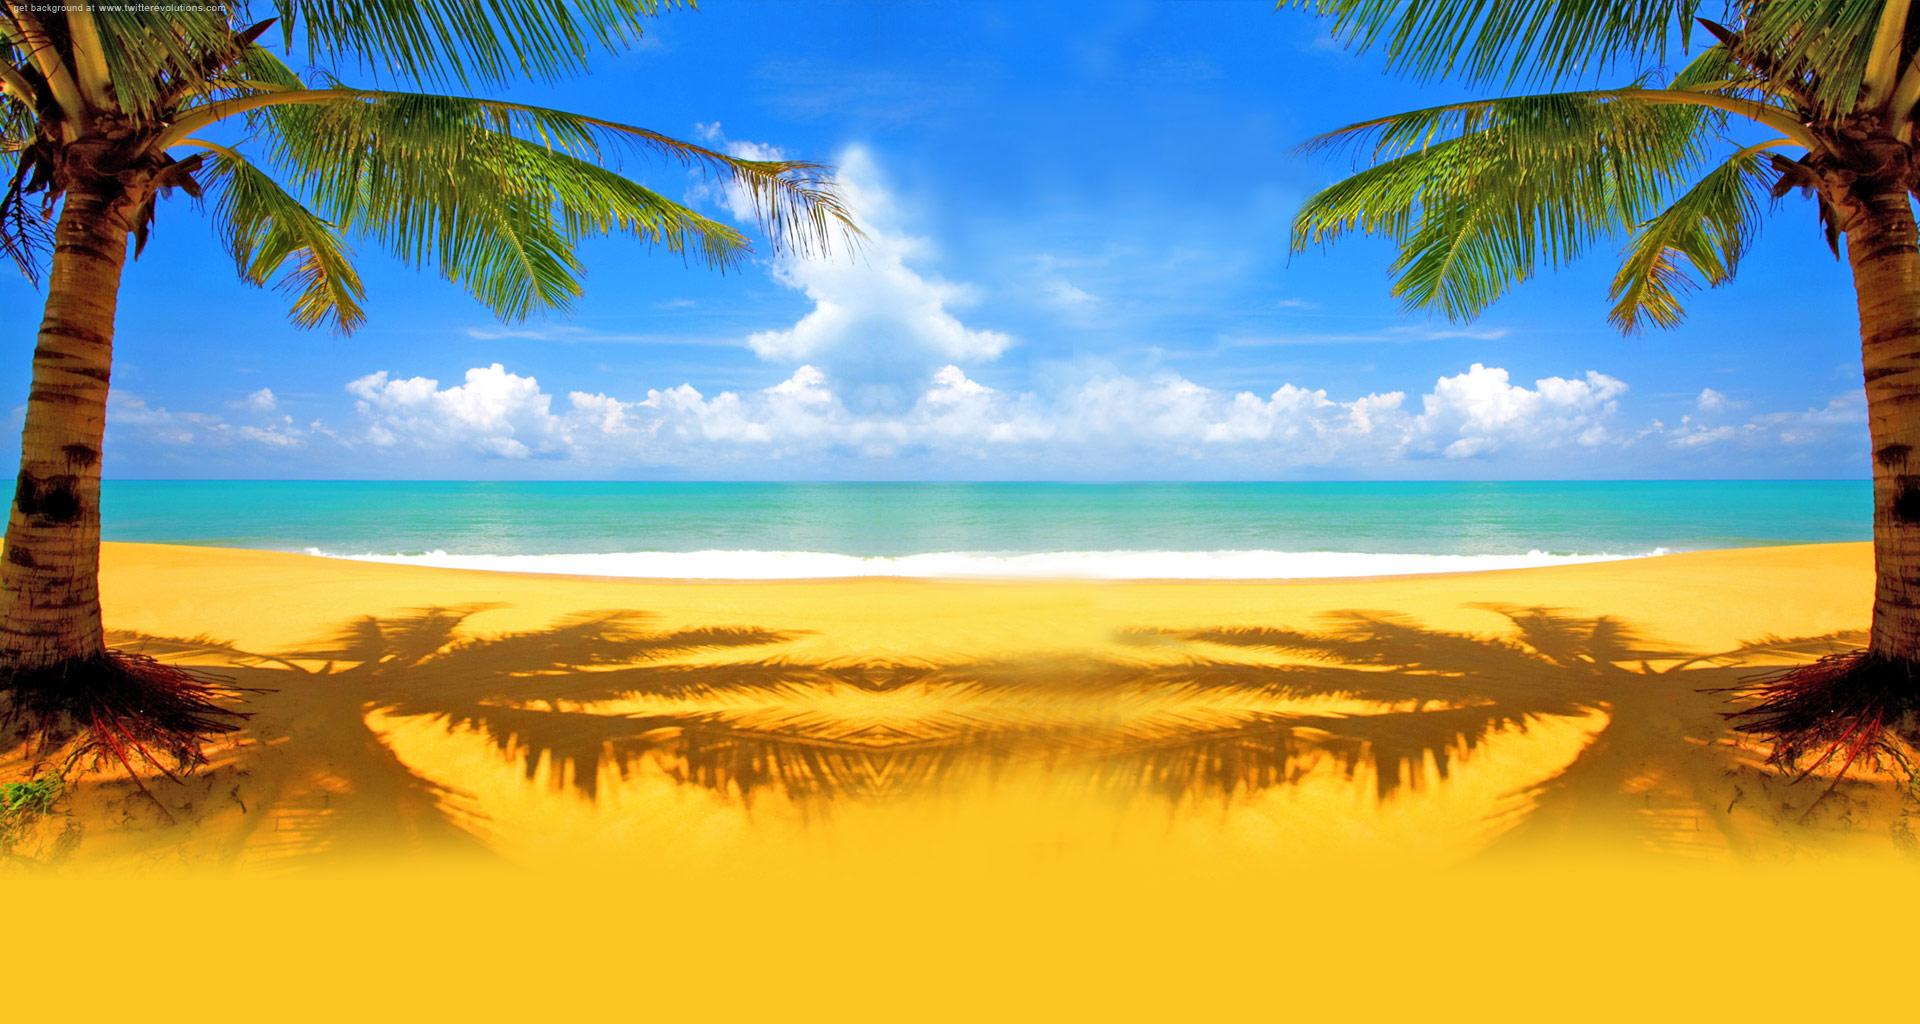 Beach Background - HDWPlan